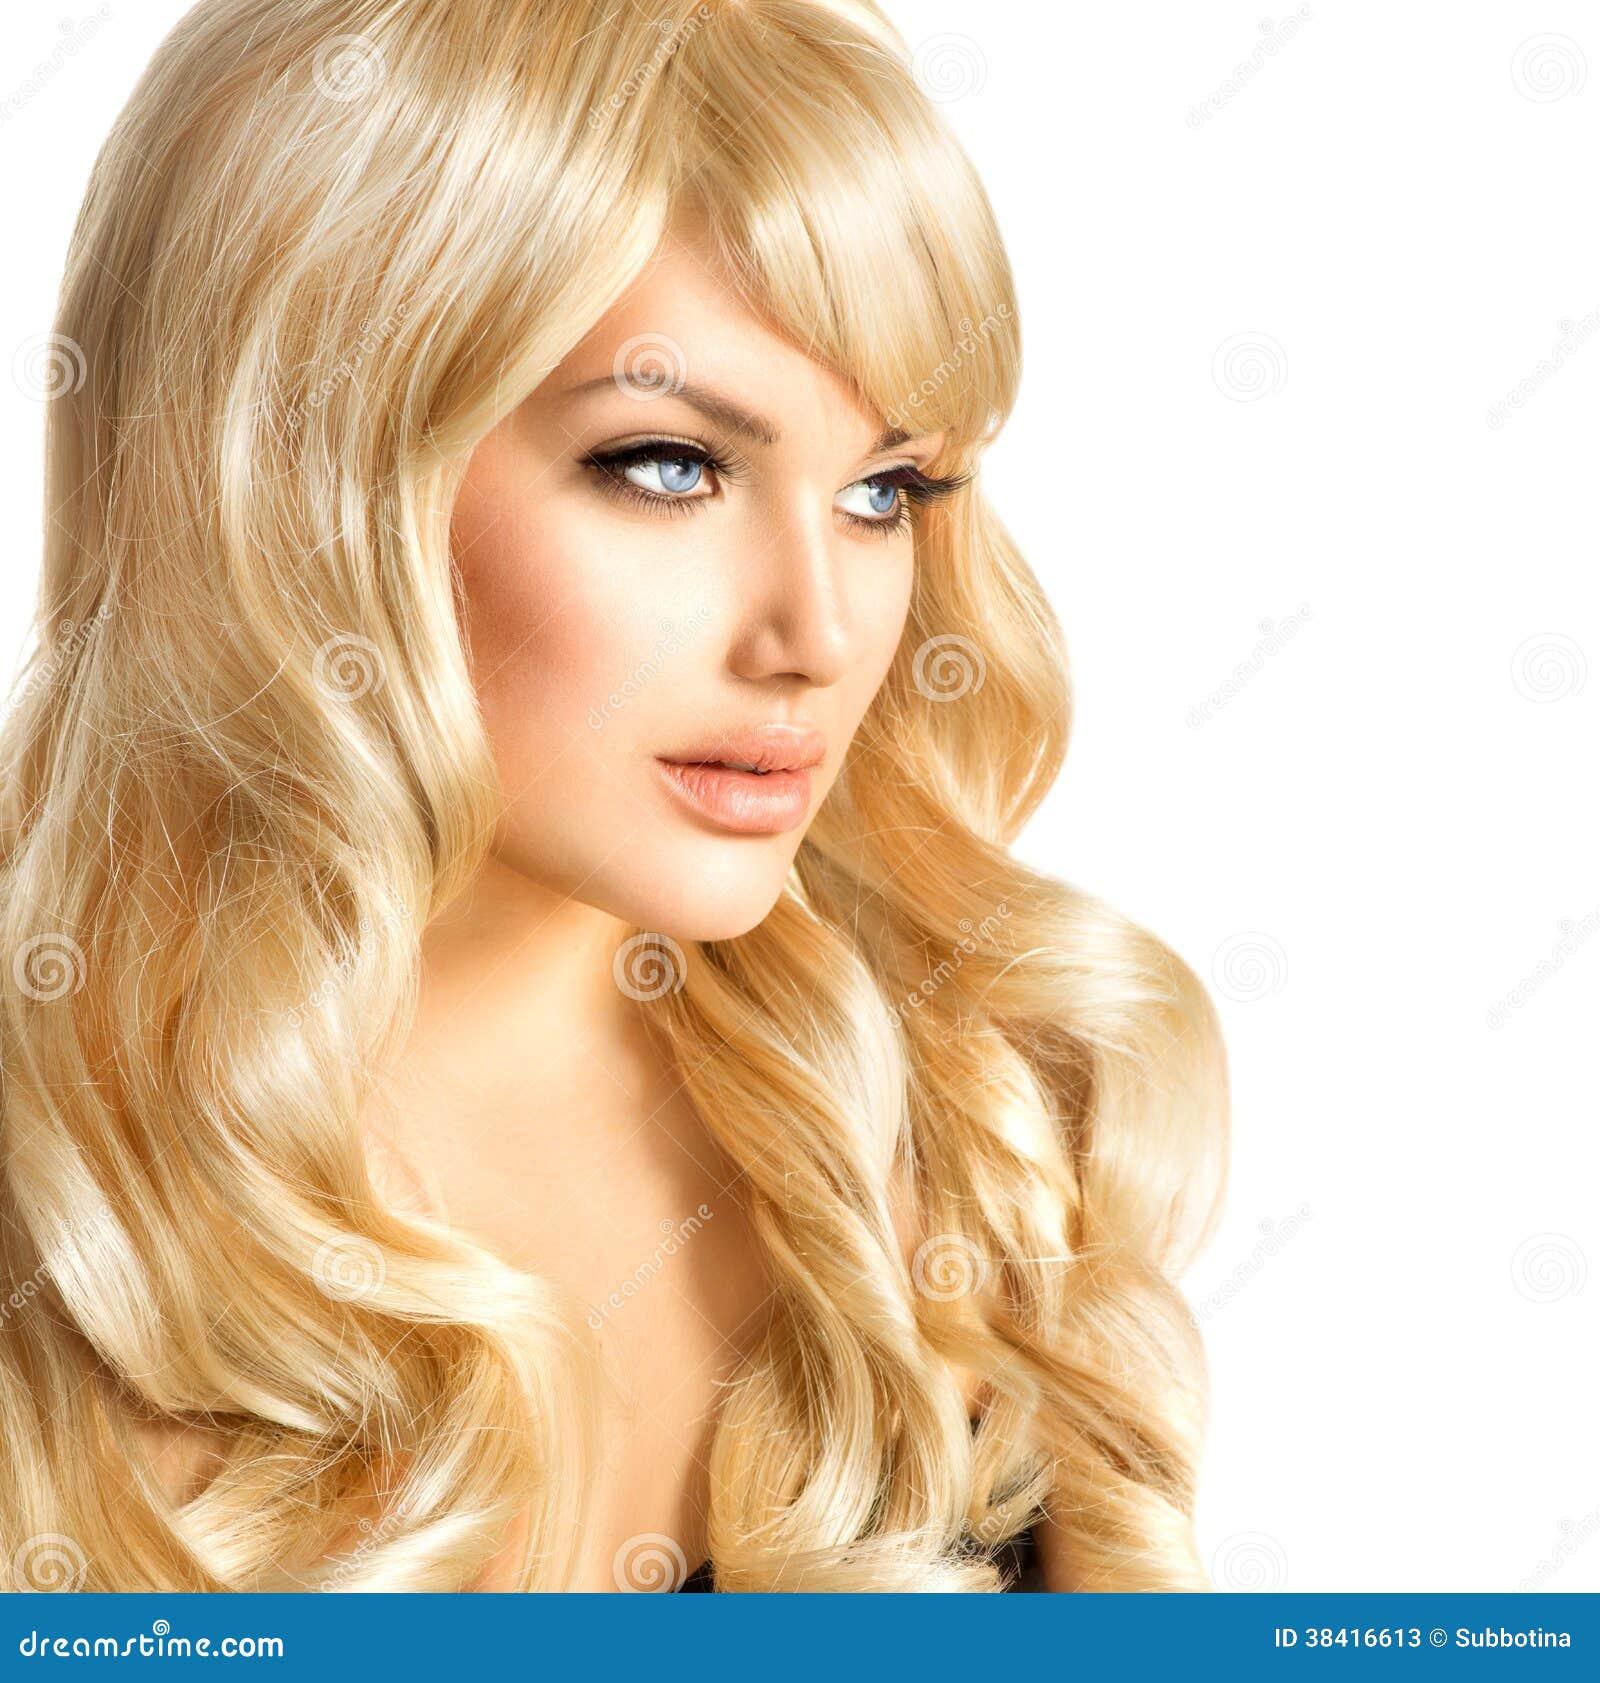 Фото блондинок с красивыми волосами 19 фотография